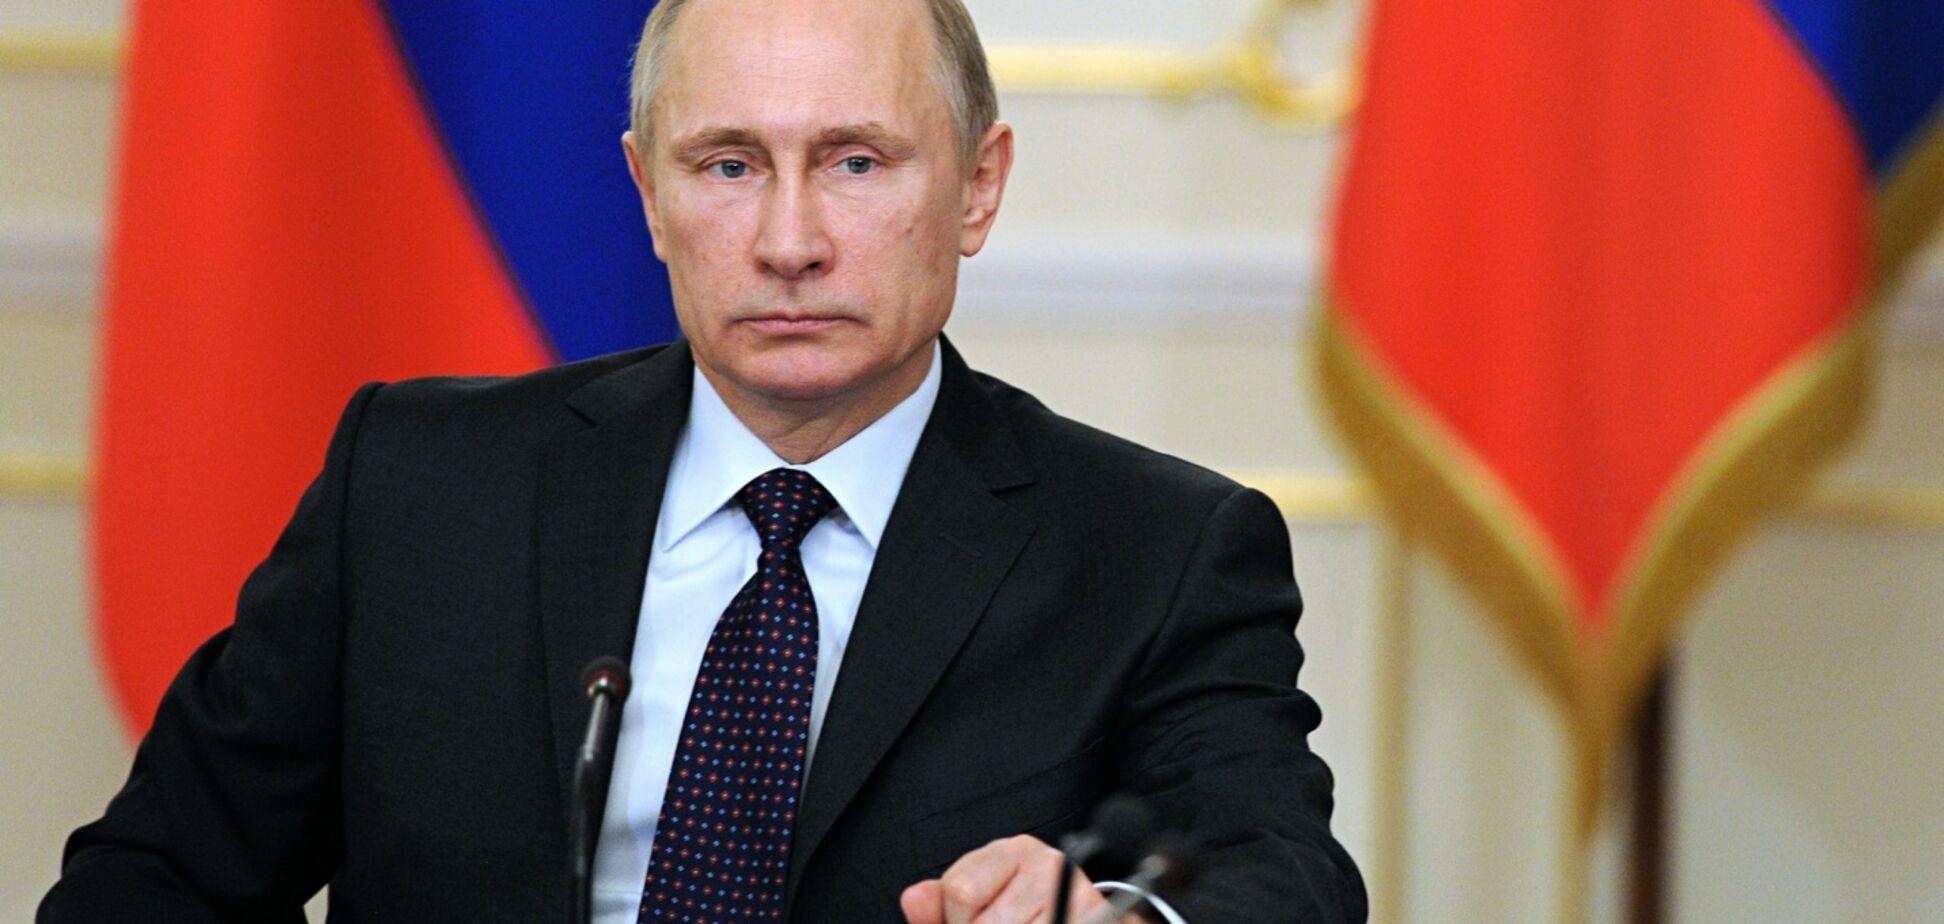 Оружие от Минобороны РФ: в 'Грузе-200' сообщили новые данные о 'Вагнере'